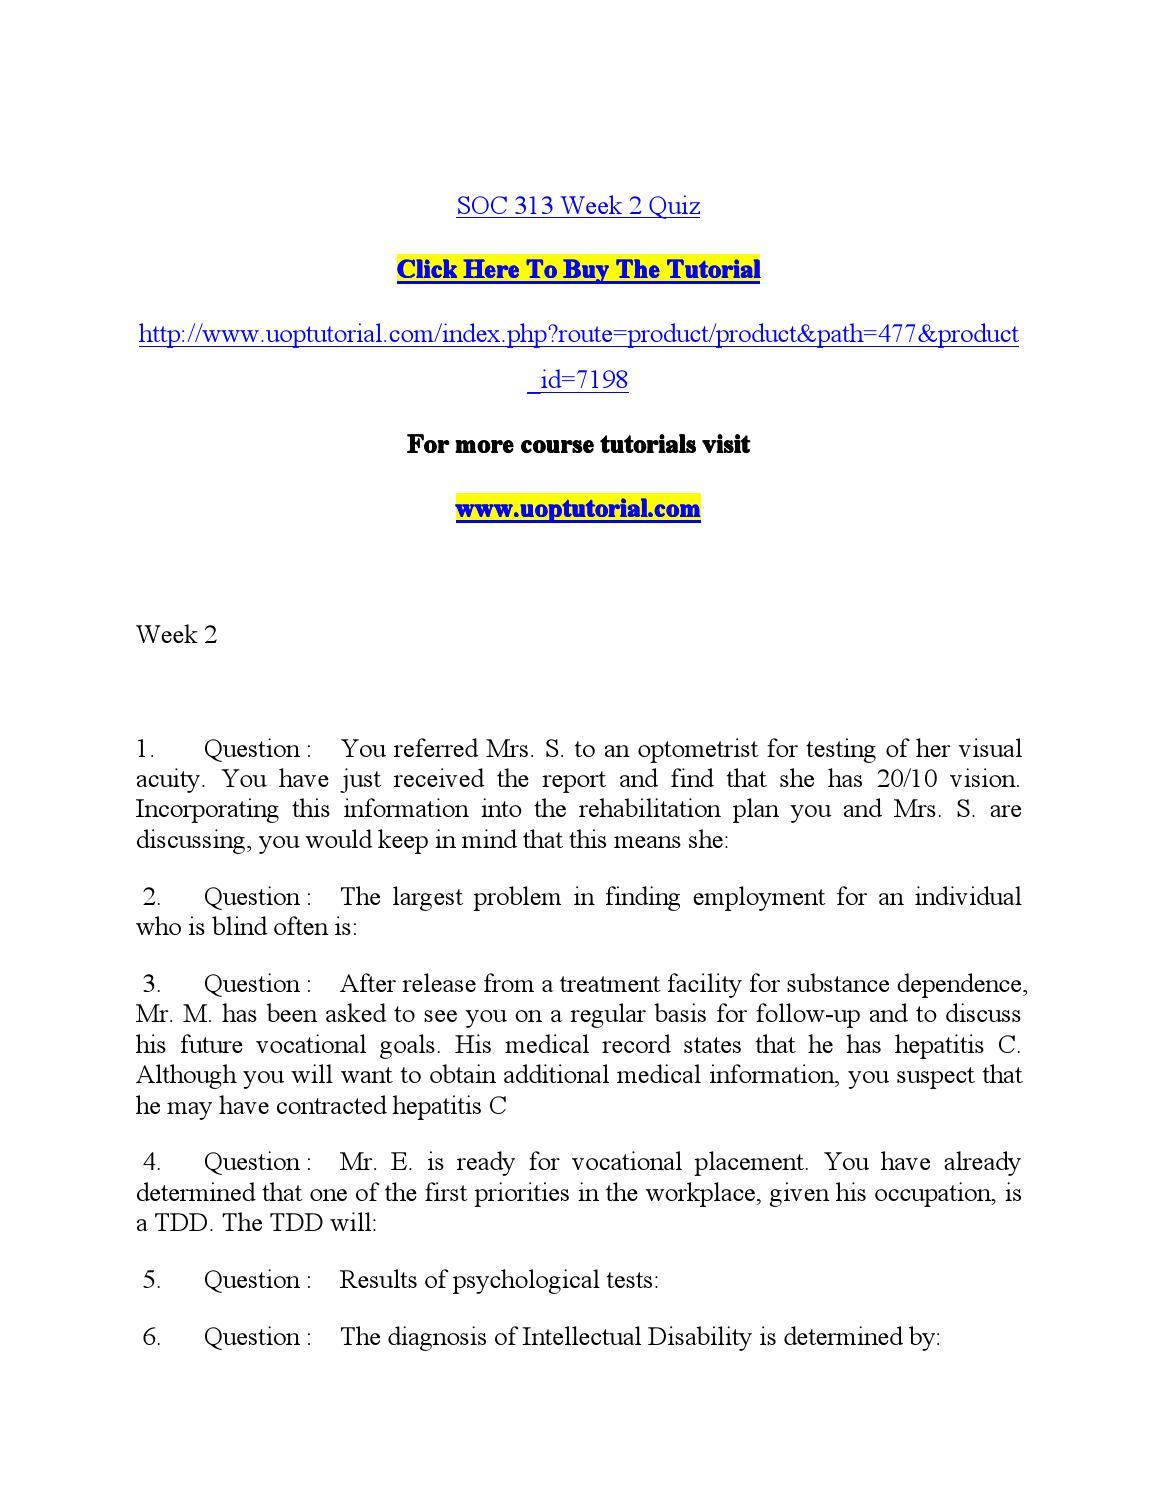 TLMT 313 Quiz 2